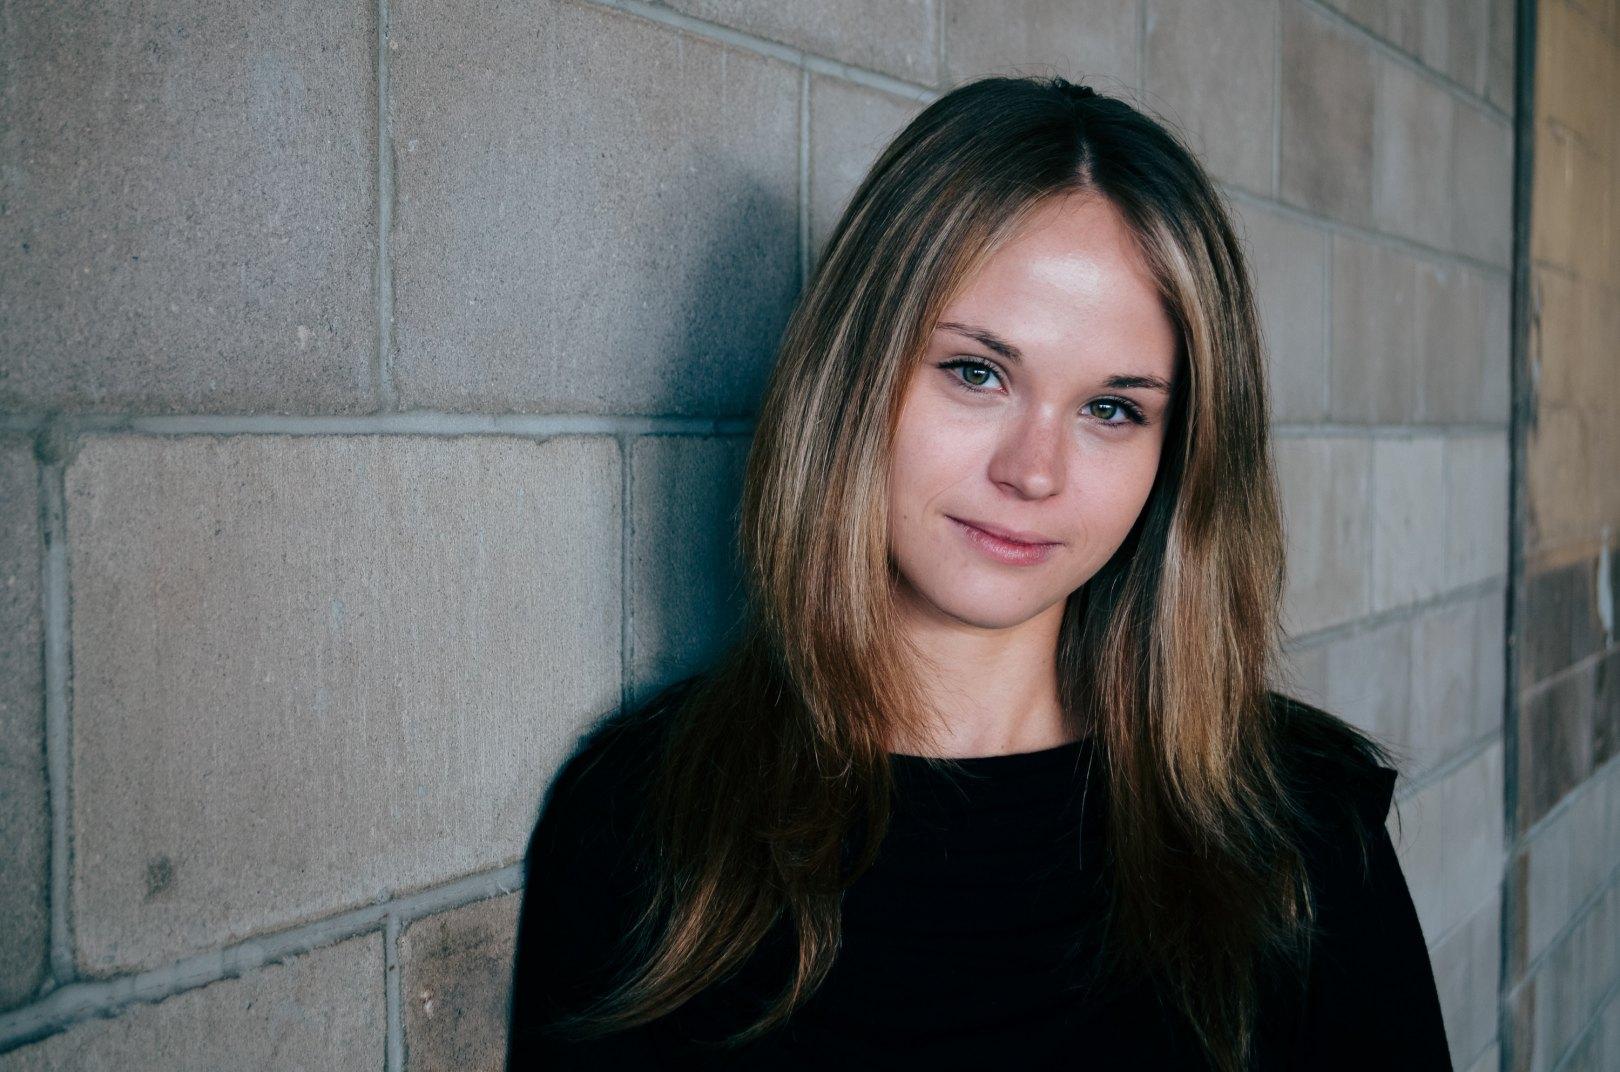 """Bei der Firma Talent & Soul geht es Inhaberin Caroline Fischer um PErsönlichkeit und Stil.Der Sitz der Firma befindet sich in Nürnberg. Des Weiteren betreibt Caroline Fischer einen Blog sowie eine YOUTUBE Kanal mit Namen """"Fashionfuntalk""""."""